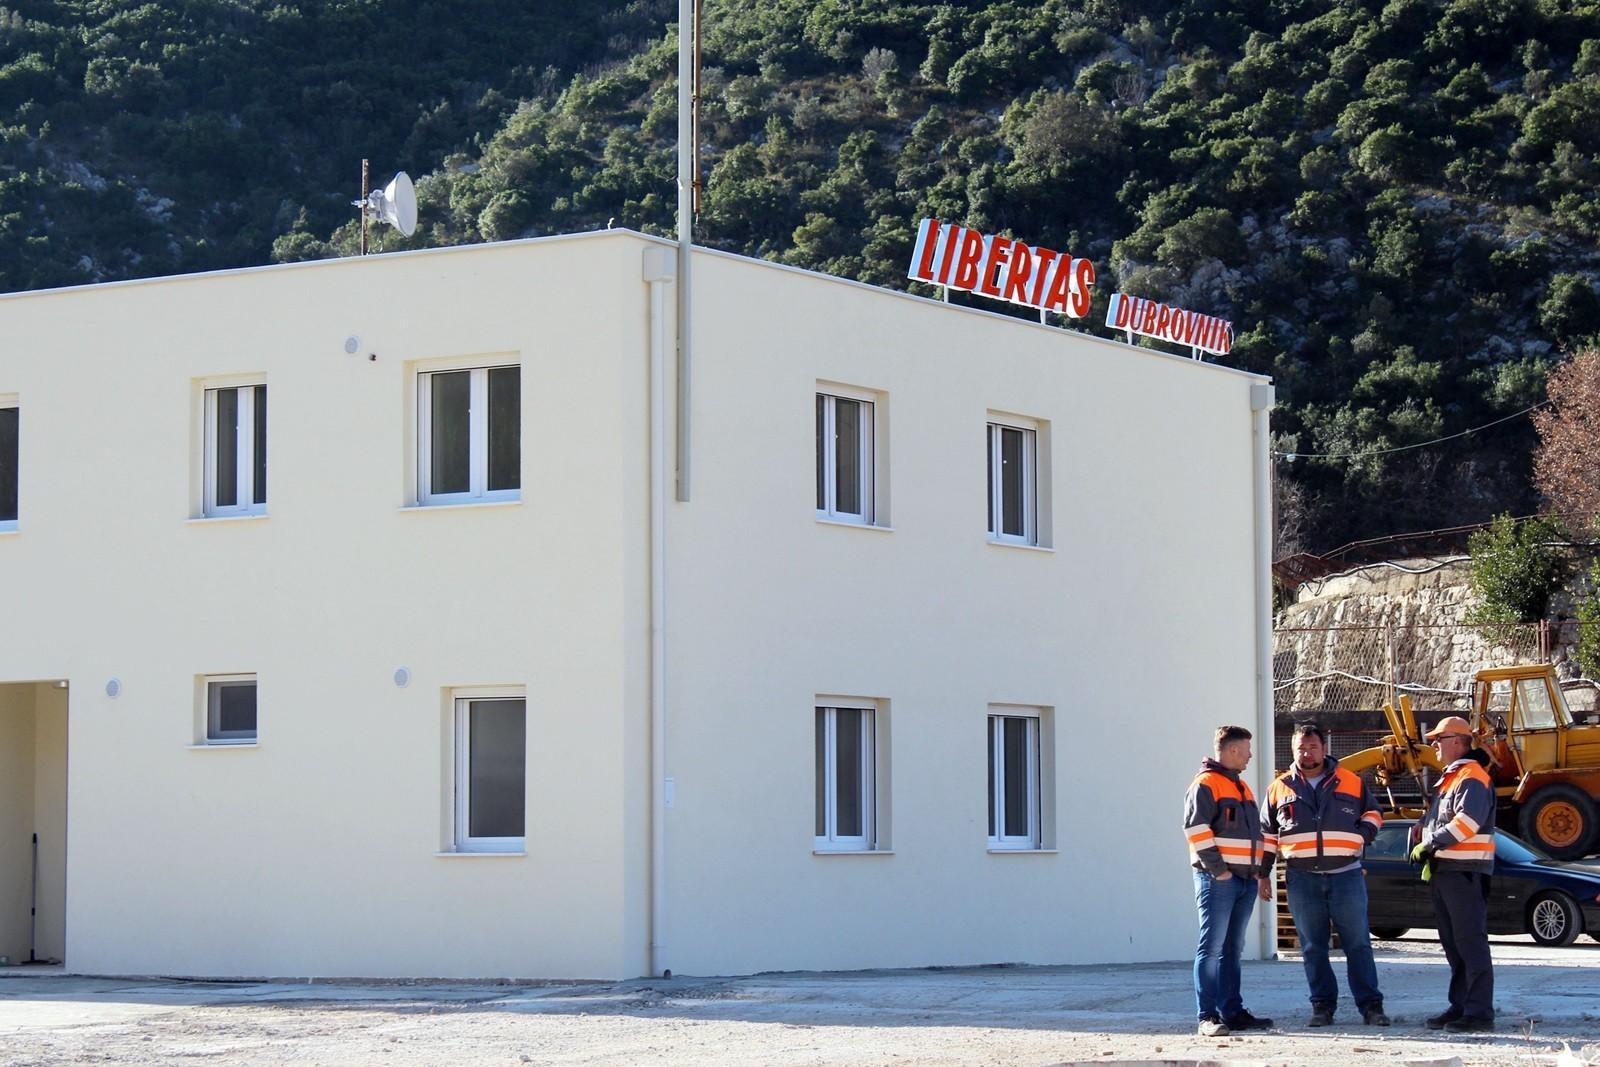 Djelatnicima operativnog sektora Libertasa, Vrtlara i Čistoće 400 kuna mjesečno